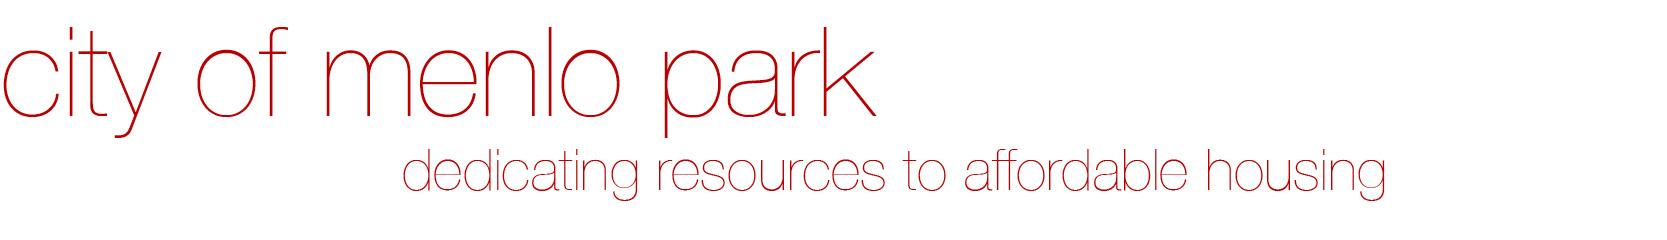 Menlo Park header - ultra light